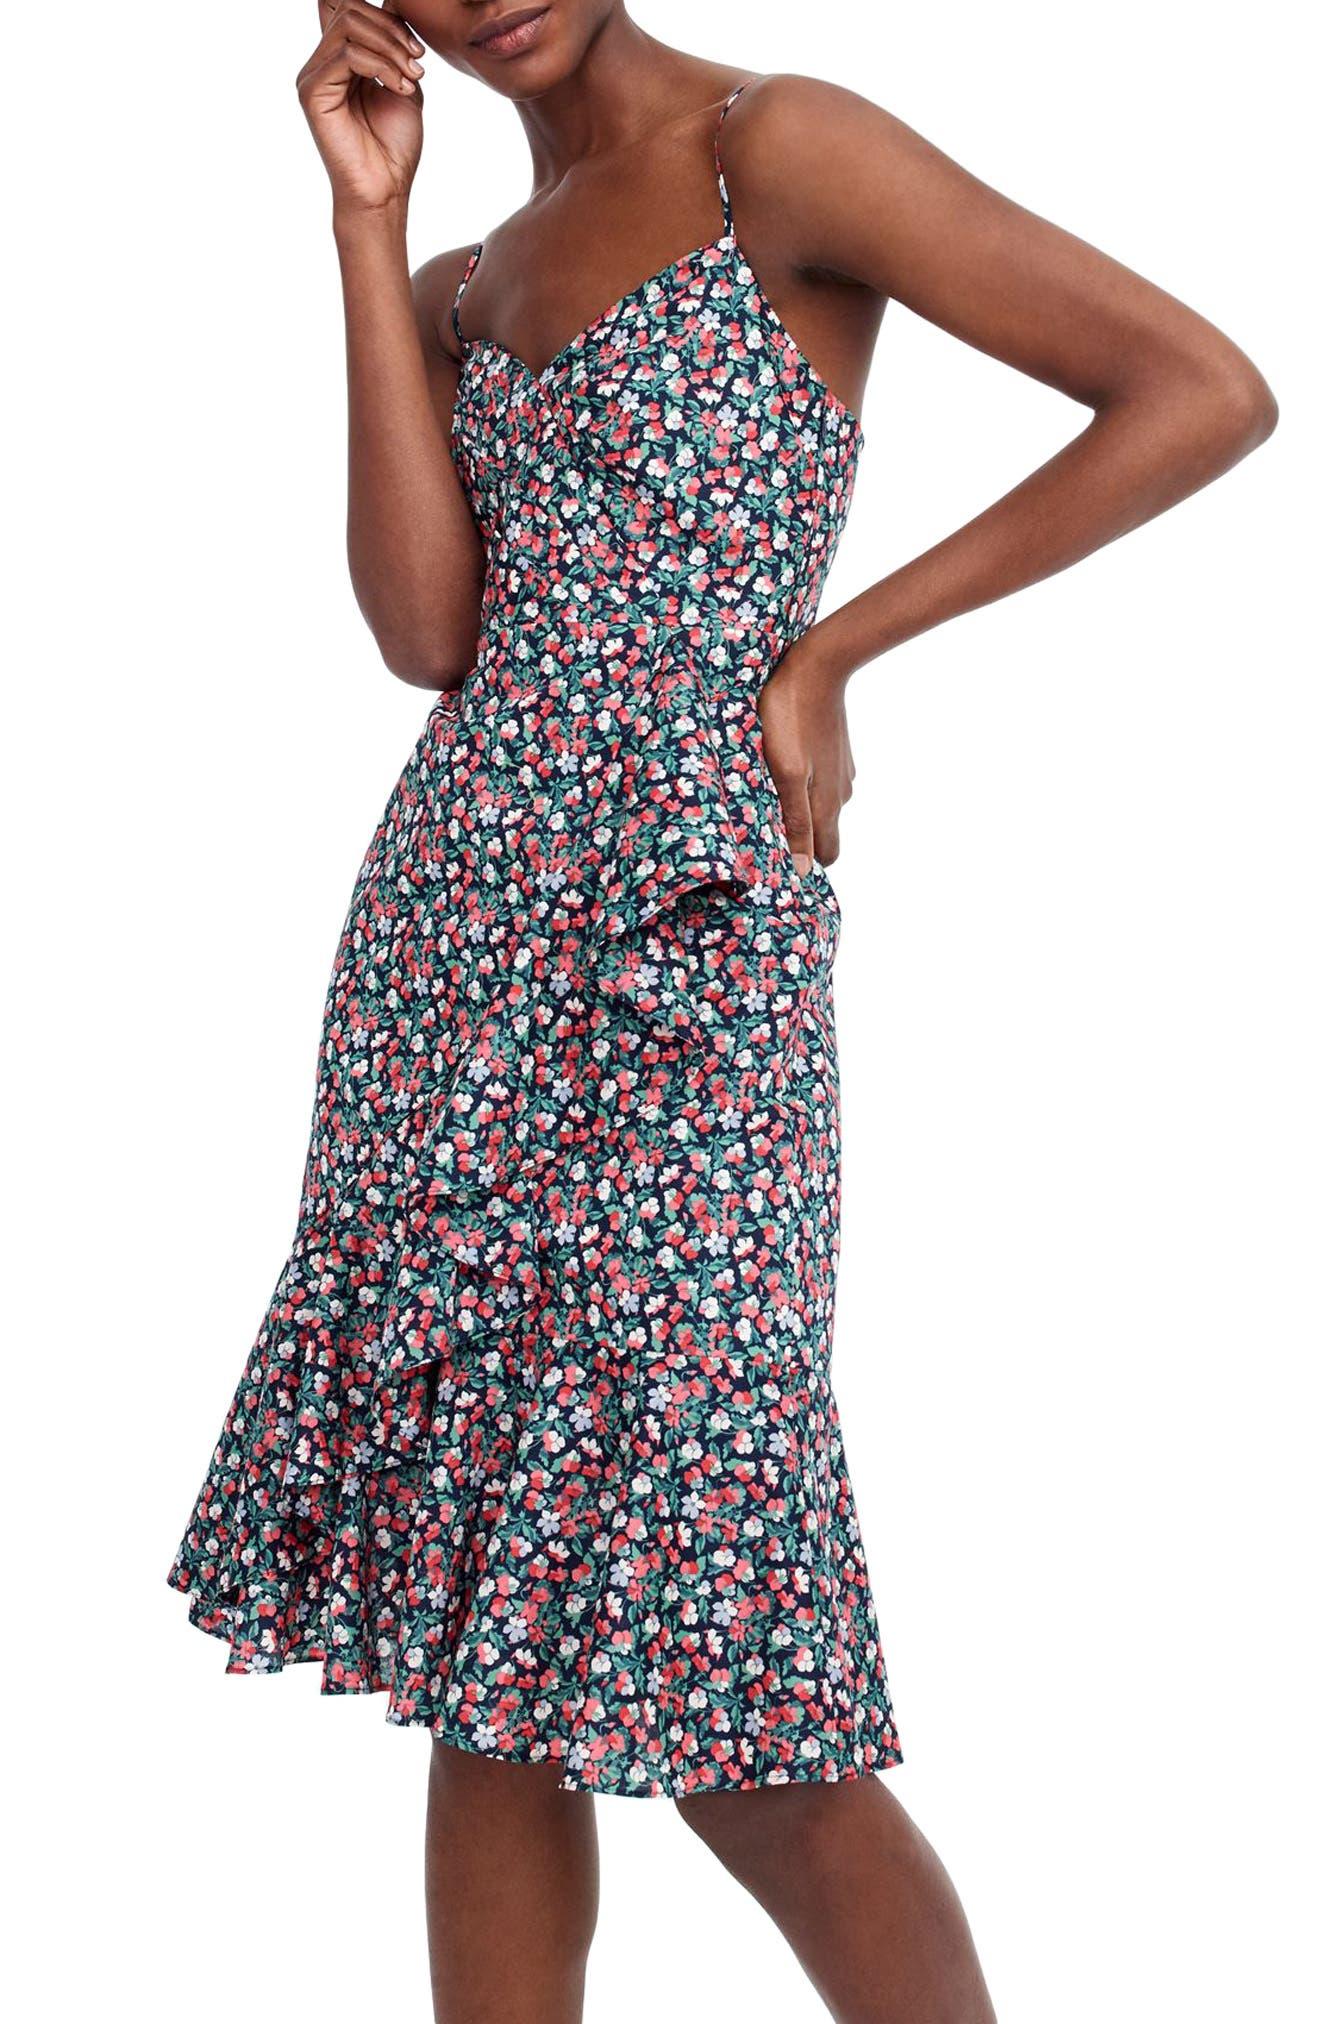 Liberty<sup>®</sup> Sarah Ruffle Dress,                         Main,                         color, 400